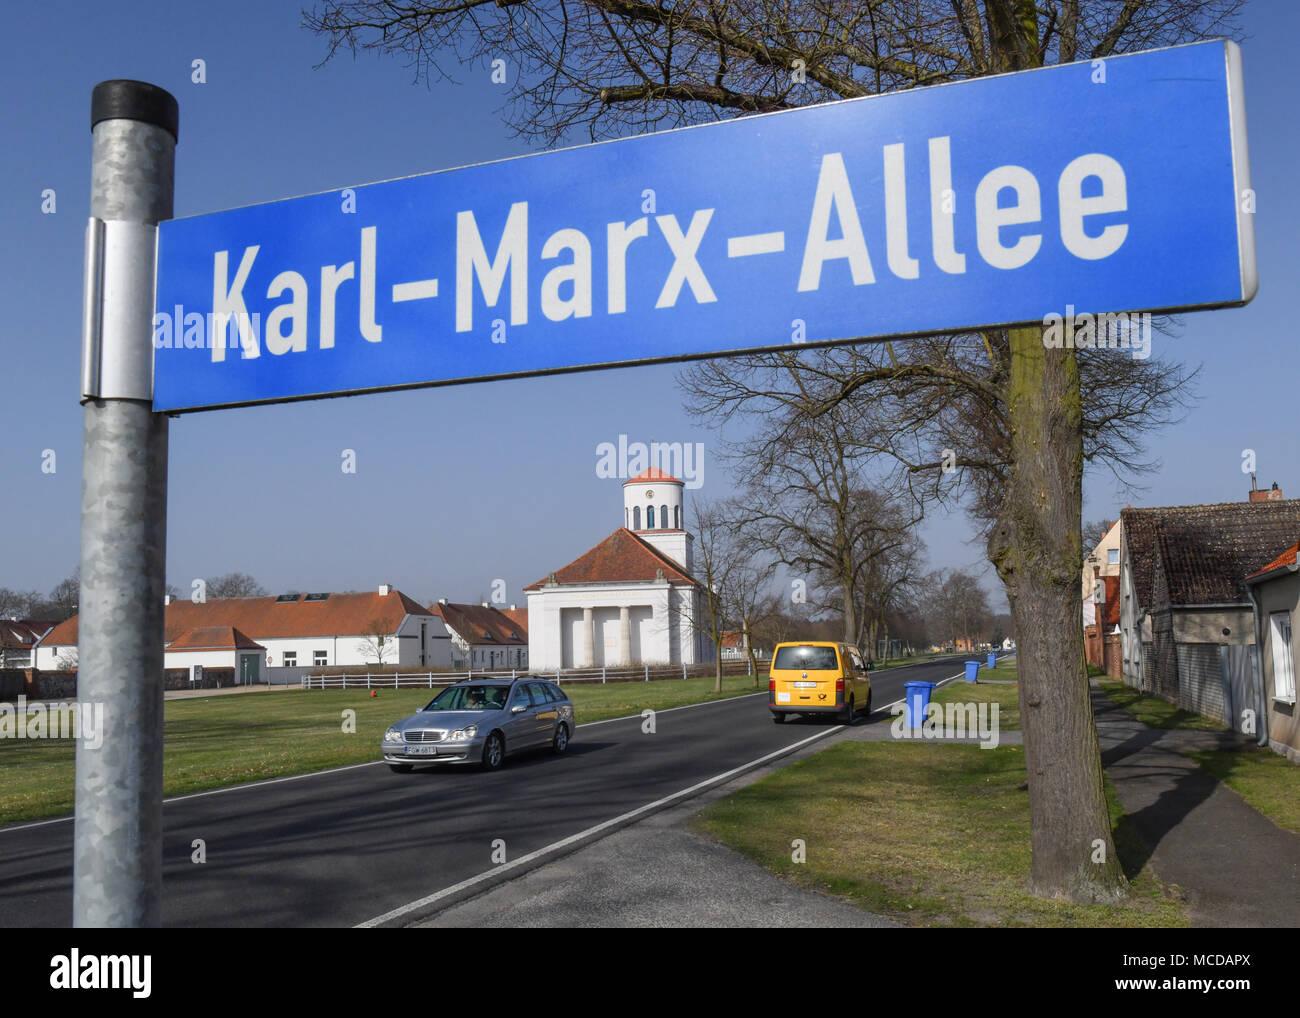 10 April 2018, Deutschland, Neuhardenberg: eine Straße, Signe liest Karl-Marx-Allee. Die Stadt war zuvor als Marxwalde nach deutscher Philosoph, Ökonom und sozialen Theoretiker Karl Marx (Mai, 05 1818 - März 14 1883) Während der DDR-Zeit bekannt und in Neuhardenberg nach dem Fall der Berliner Mauer umbenannt. Foto: Patrick Pleul/dpa-Zentralbild/dpa Stockfoto